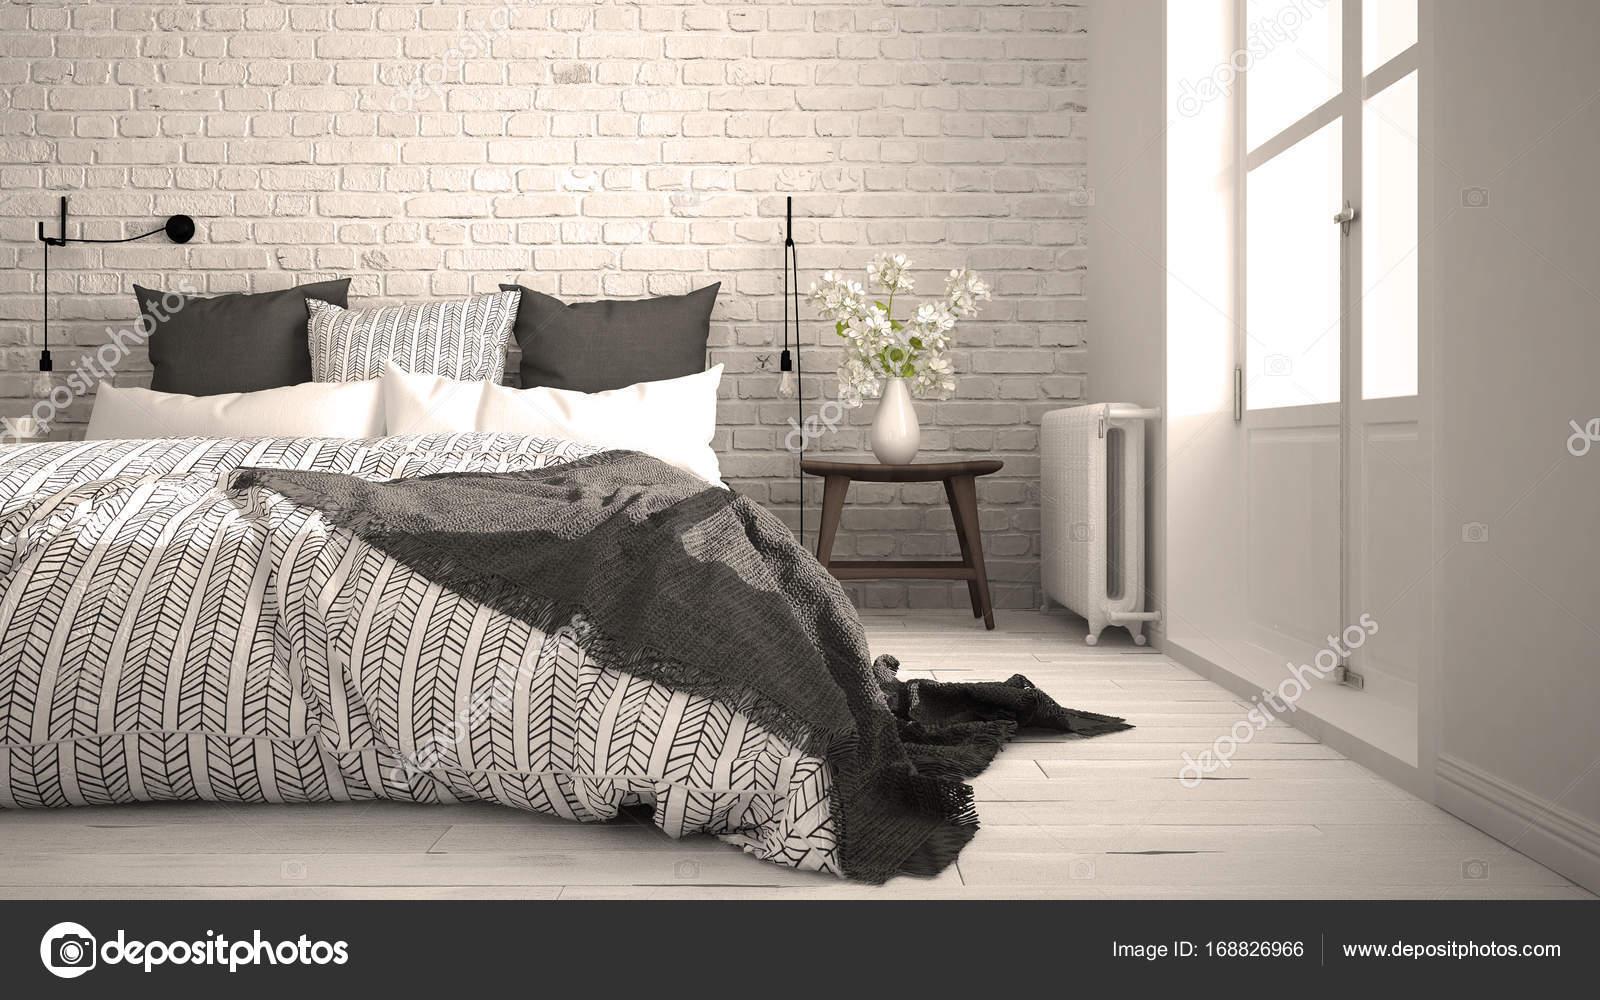 Attrayant Blanc Et Gris Moderne Chambre à Coucher Avec Lit Double Confortable, Mur De  Brique, Plancher En Bois Et Grande Fenêtre, Architecture Minimaliste  Scandinave ...